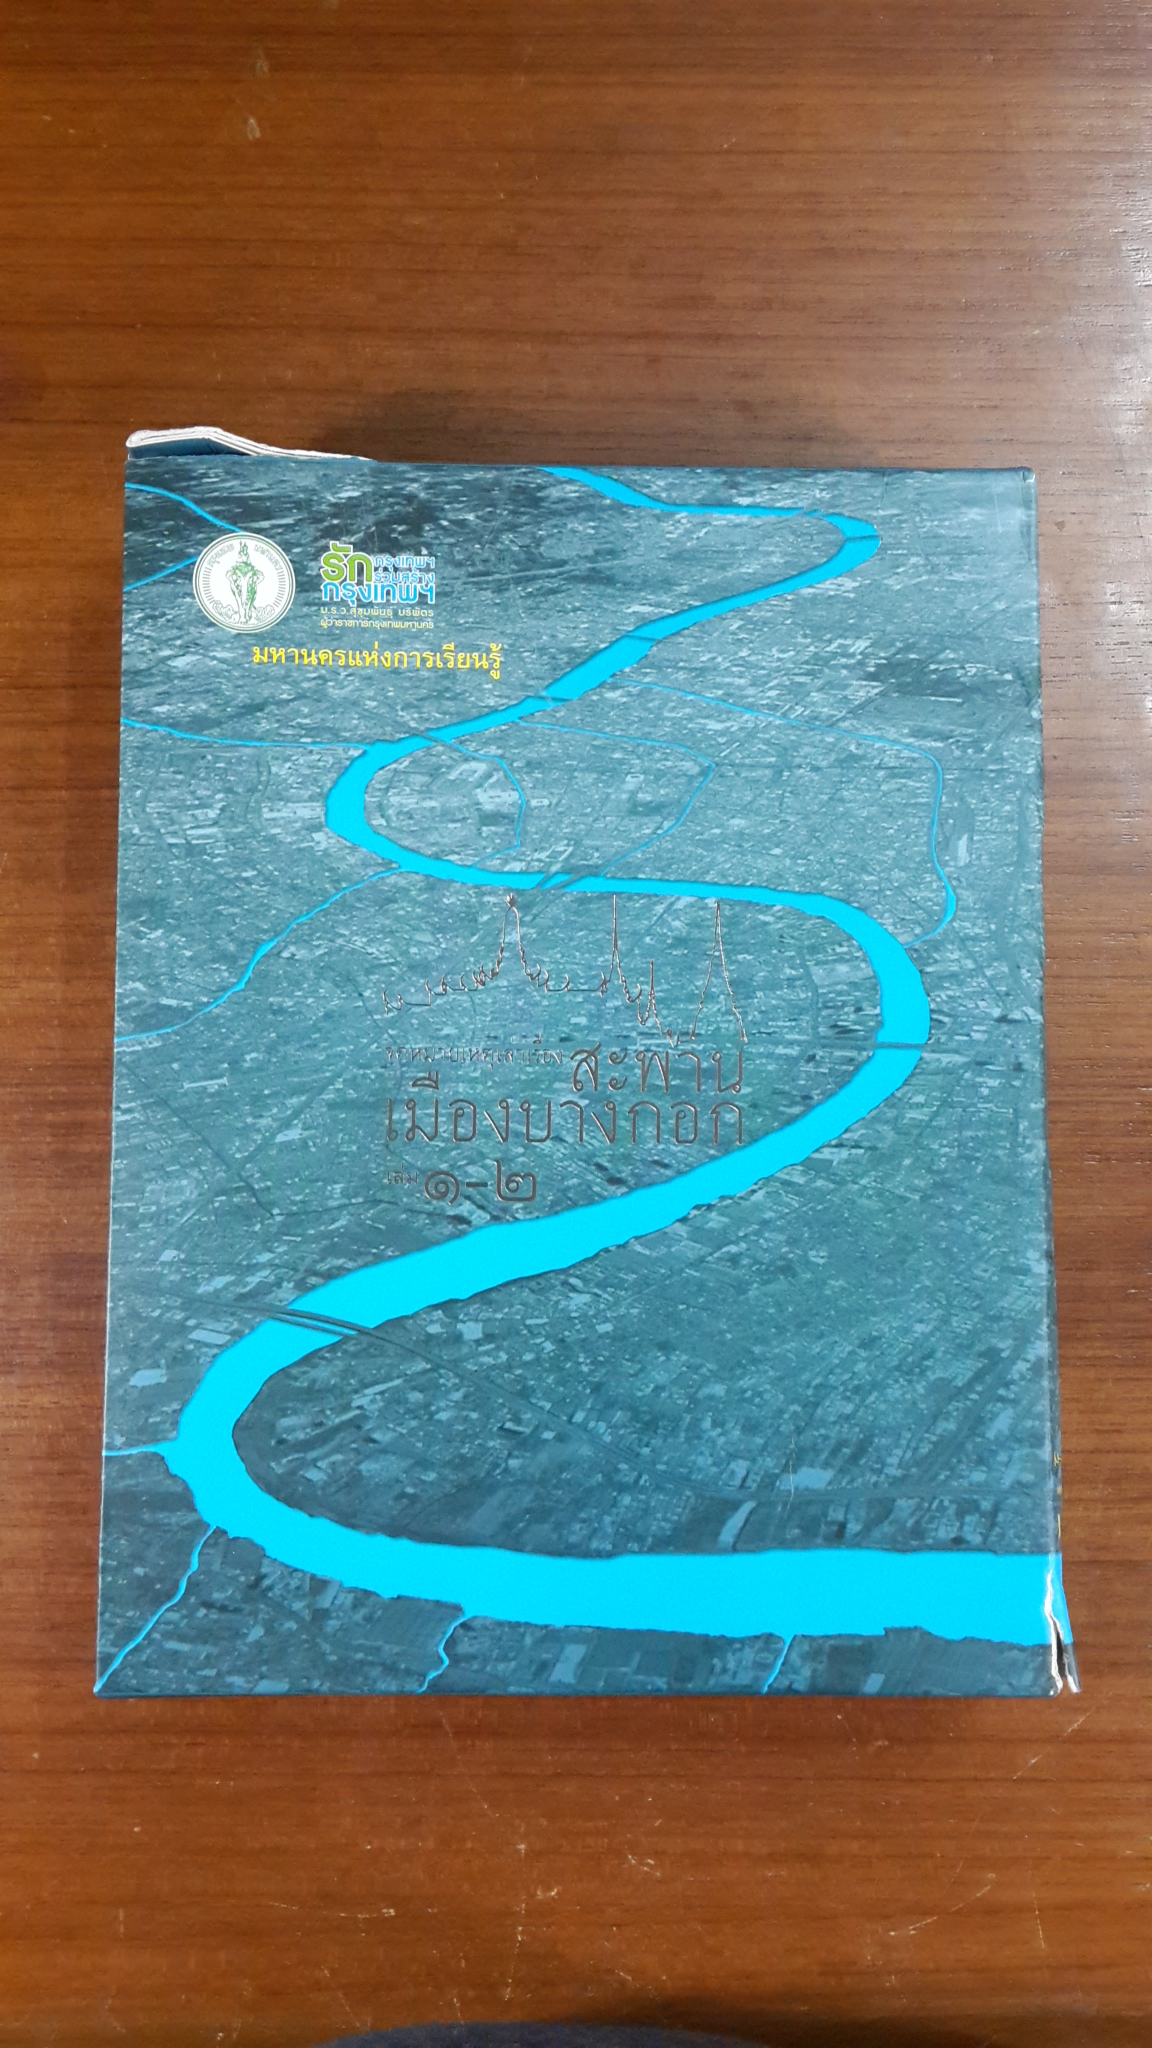 จดหมายเหตุเล่าเรื่อง สะพานเมืองบางกอก (1ชุด2เล่ม) / สำนักการโยธา กรุงเทพมหานคร